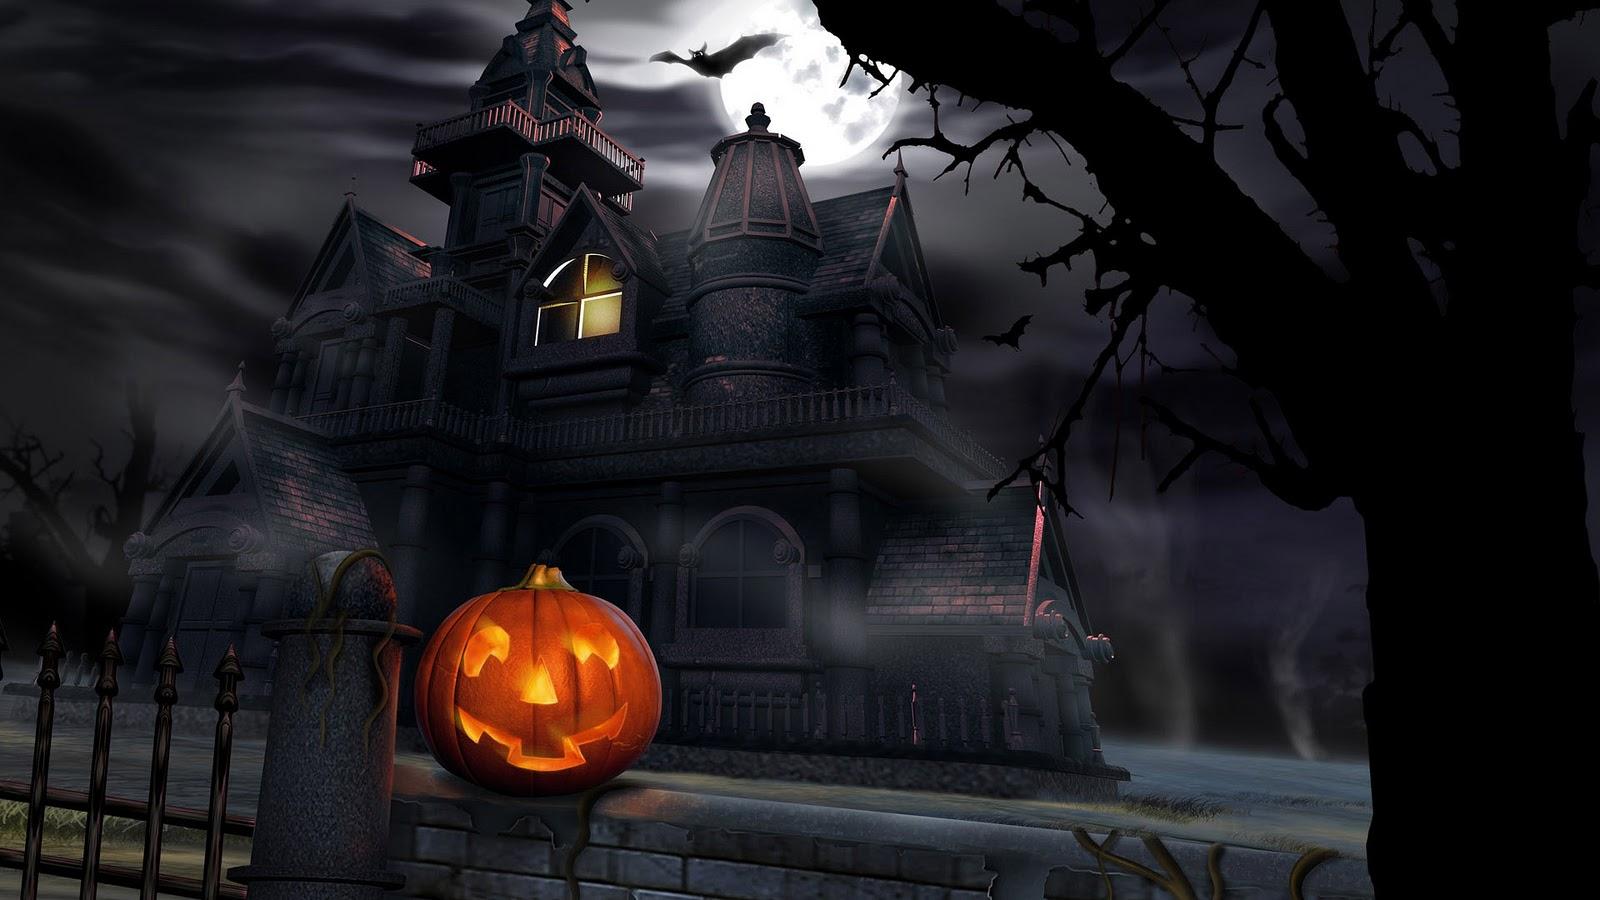 Download HD Halloween Wallpapers For Desktop [ ] AxeeTech 1600x900